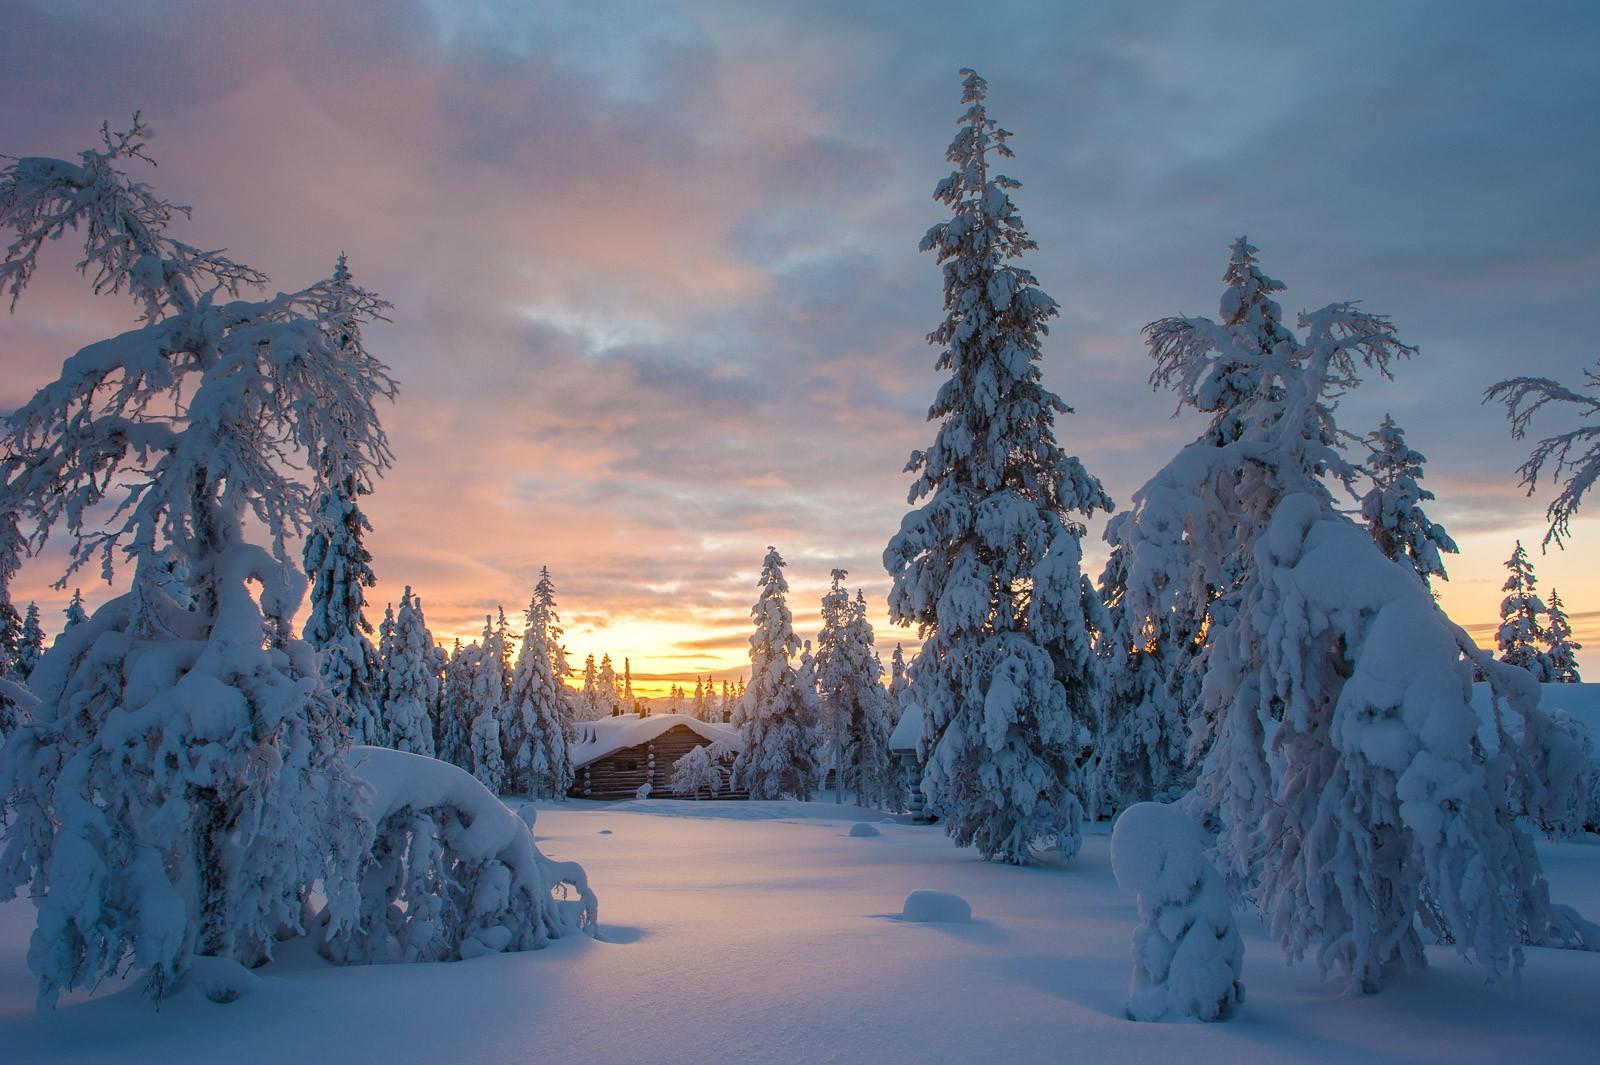 Een prachtige 'zonsopkomst' in Lapland. De zon zelf komt niet boven de horizon, maar ik kon wel genieten van deze prachtige kleuren.